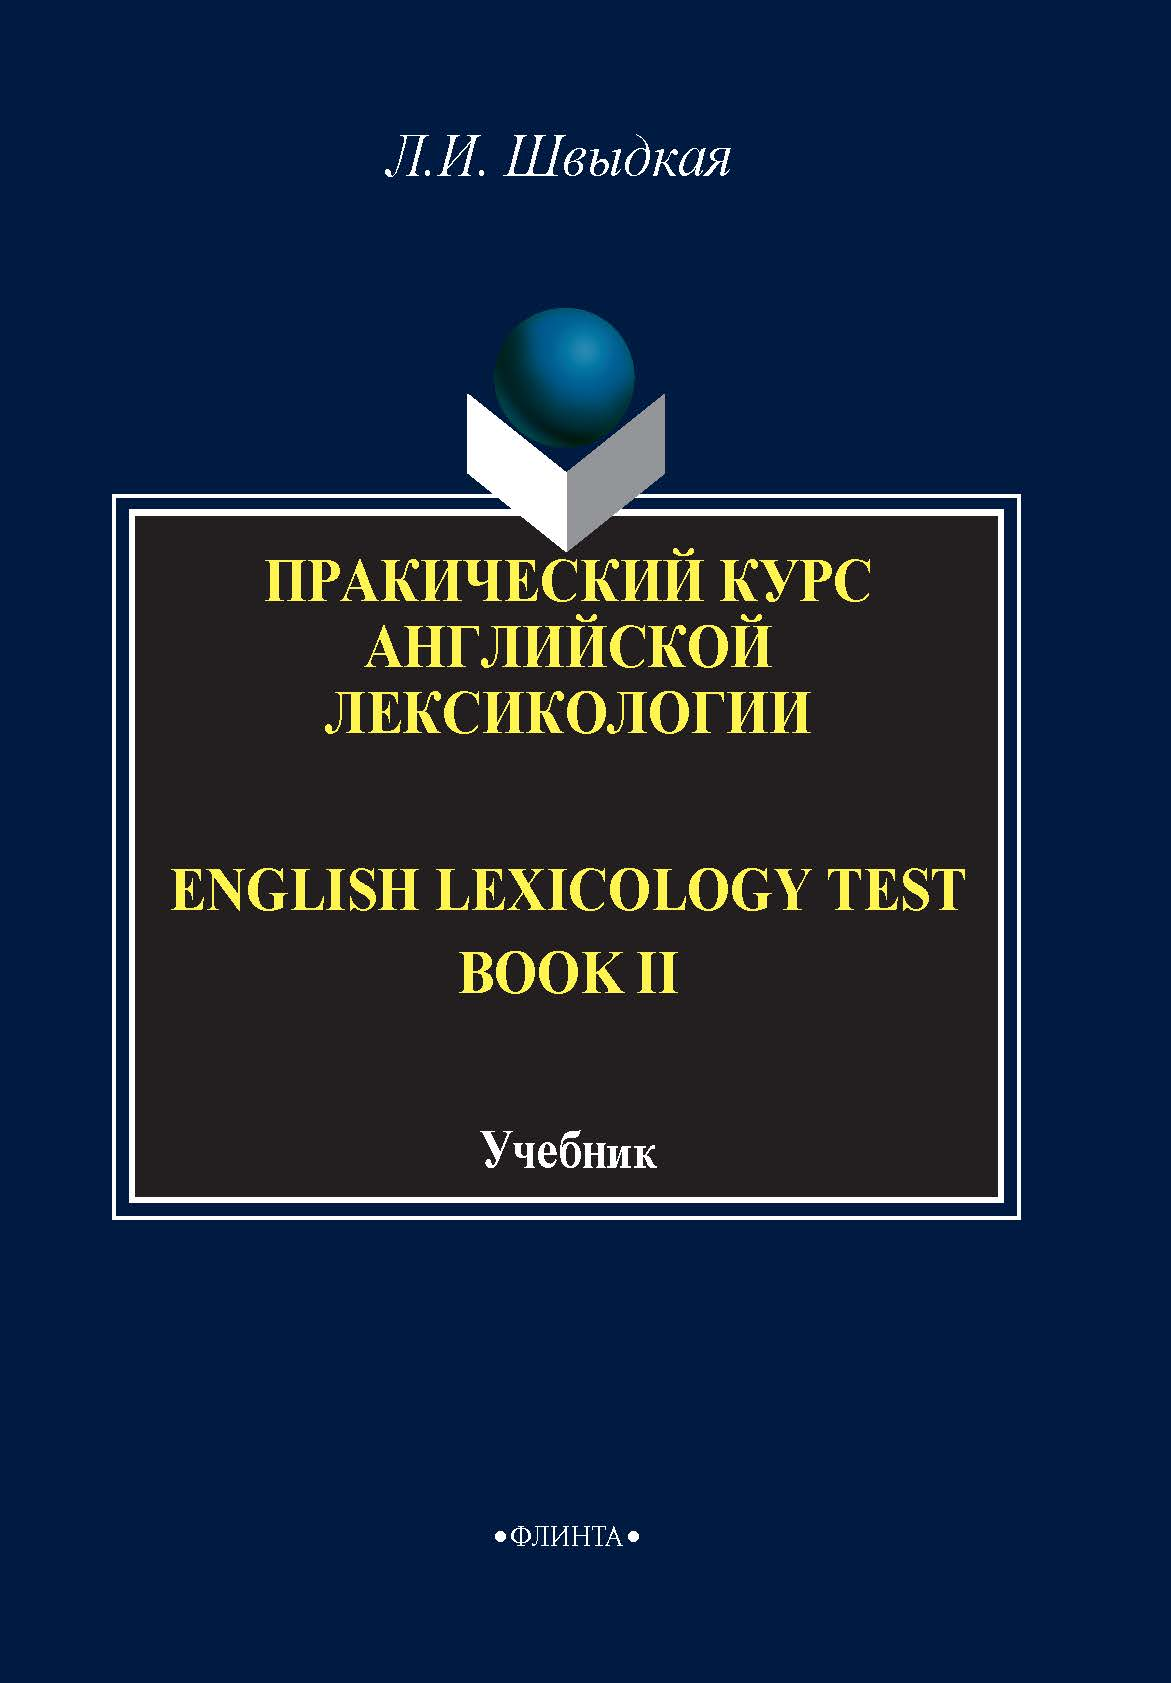 Л. И. Швыдкая English Lexicology Test Book. Практический курс английской лексикологии. Часть II гамильтон л пираты практический курс